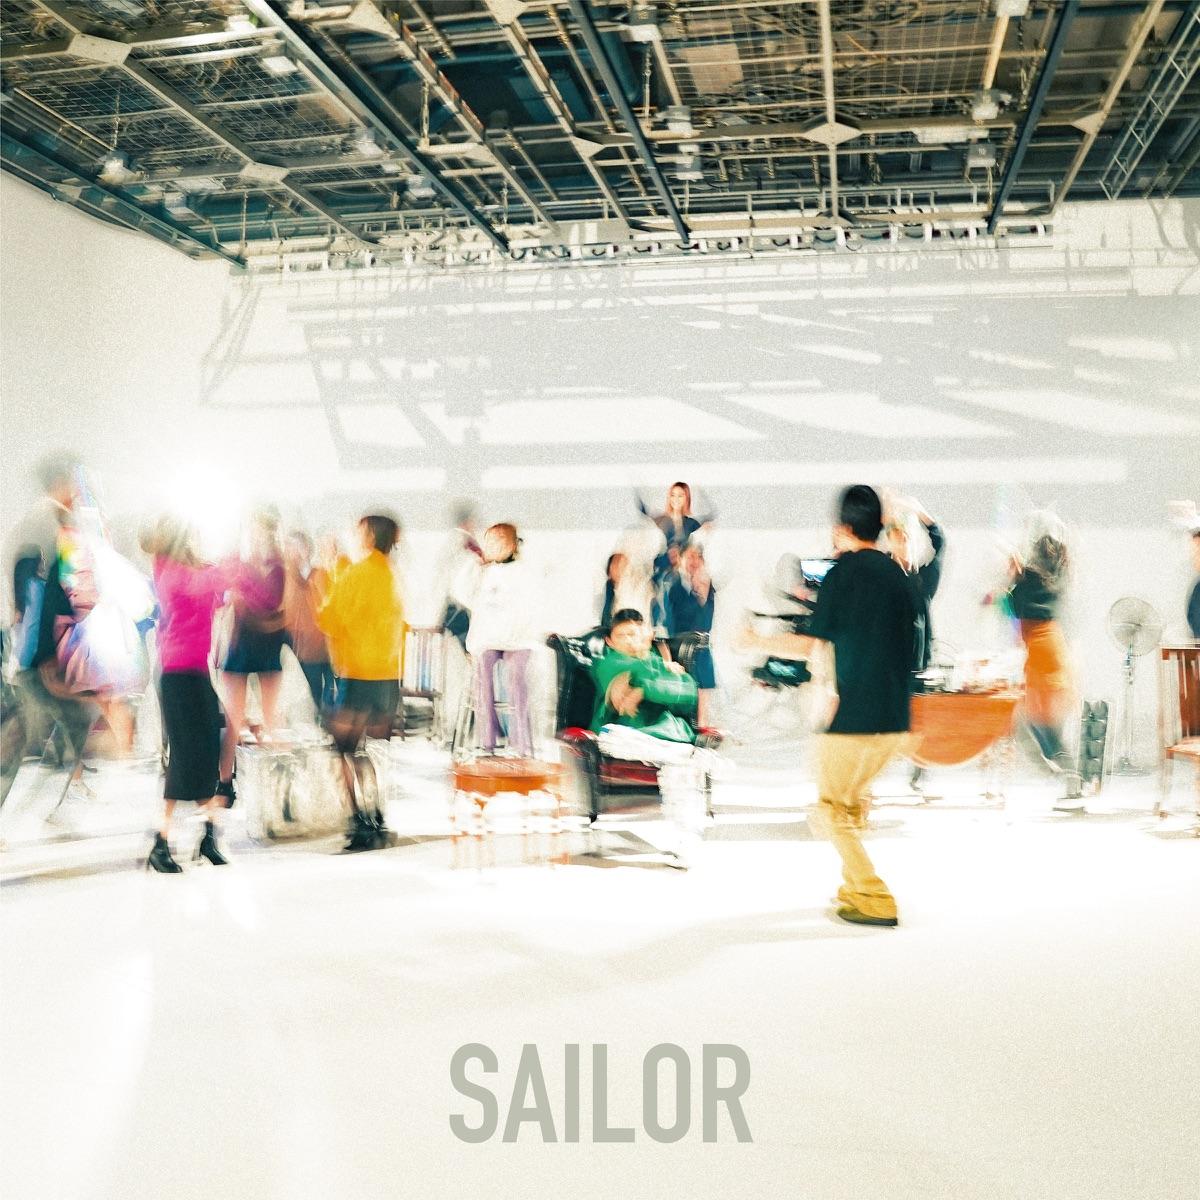 『さなり - SAILOR』収録の『SAILOR』ジャケット